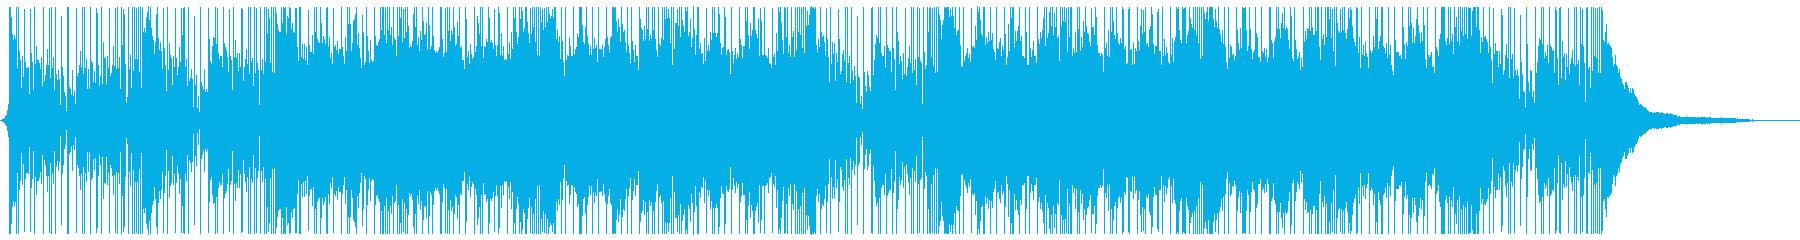 ロックでシネマティックなアンビエントの再生済みの波形